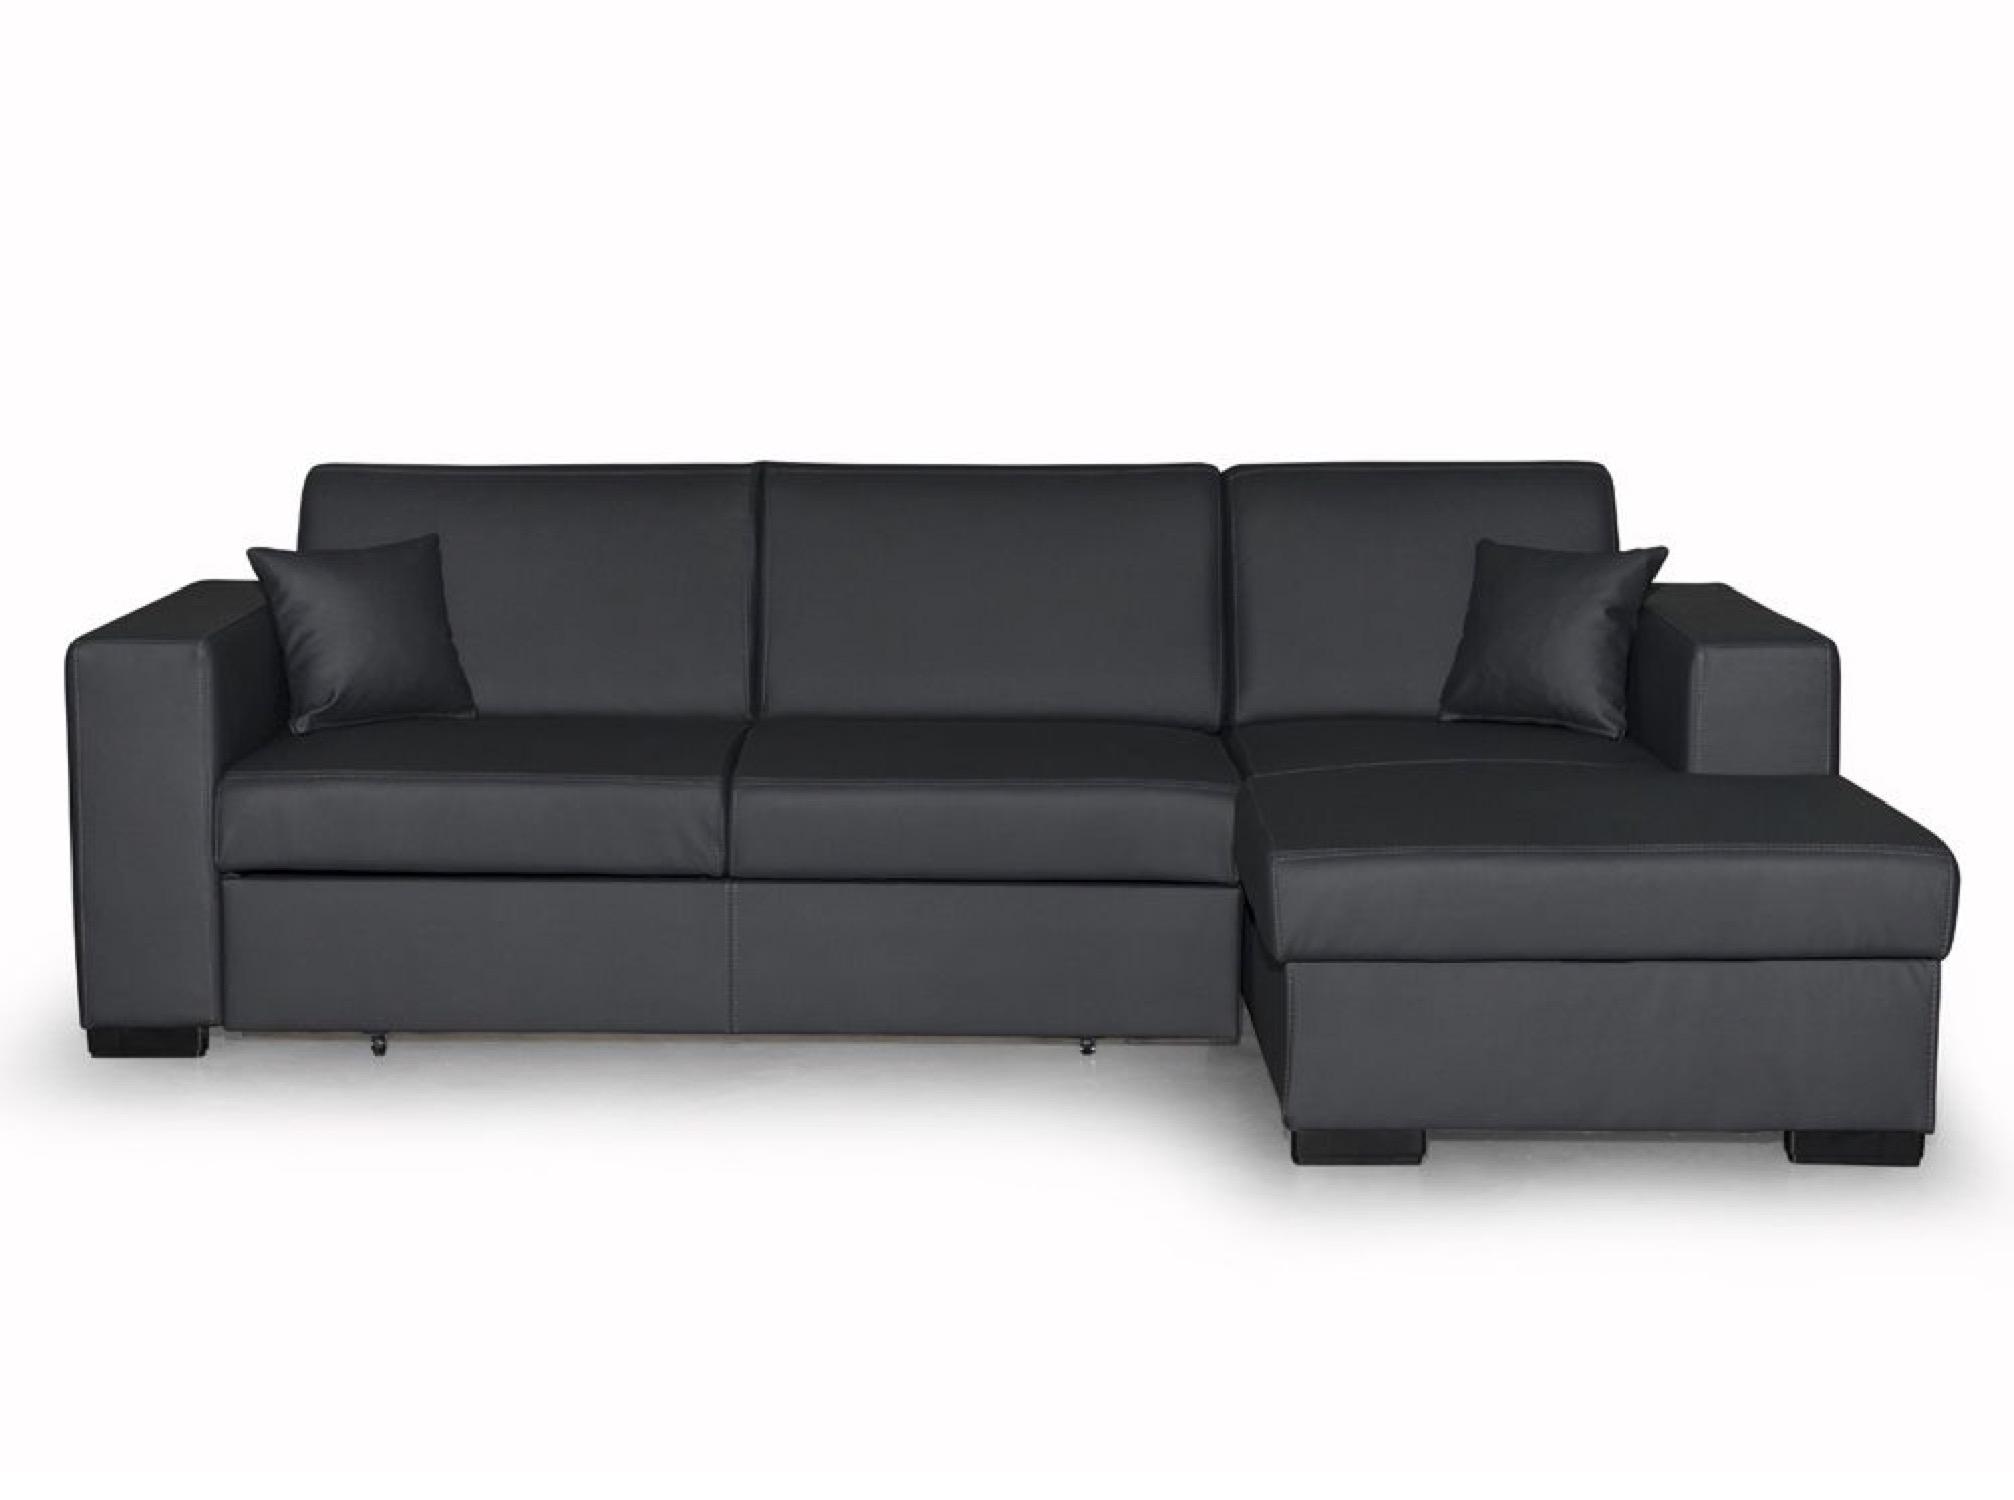 Canapé d'angle Gris Simili Moderne Confort